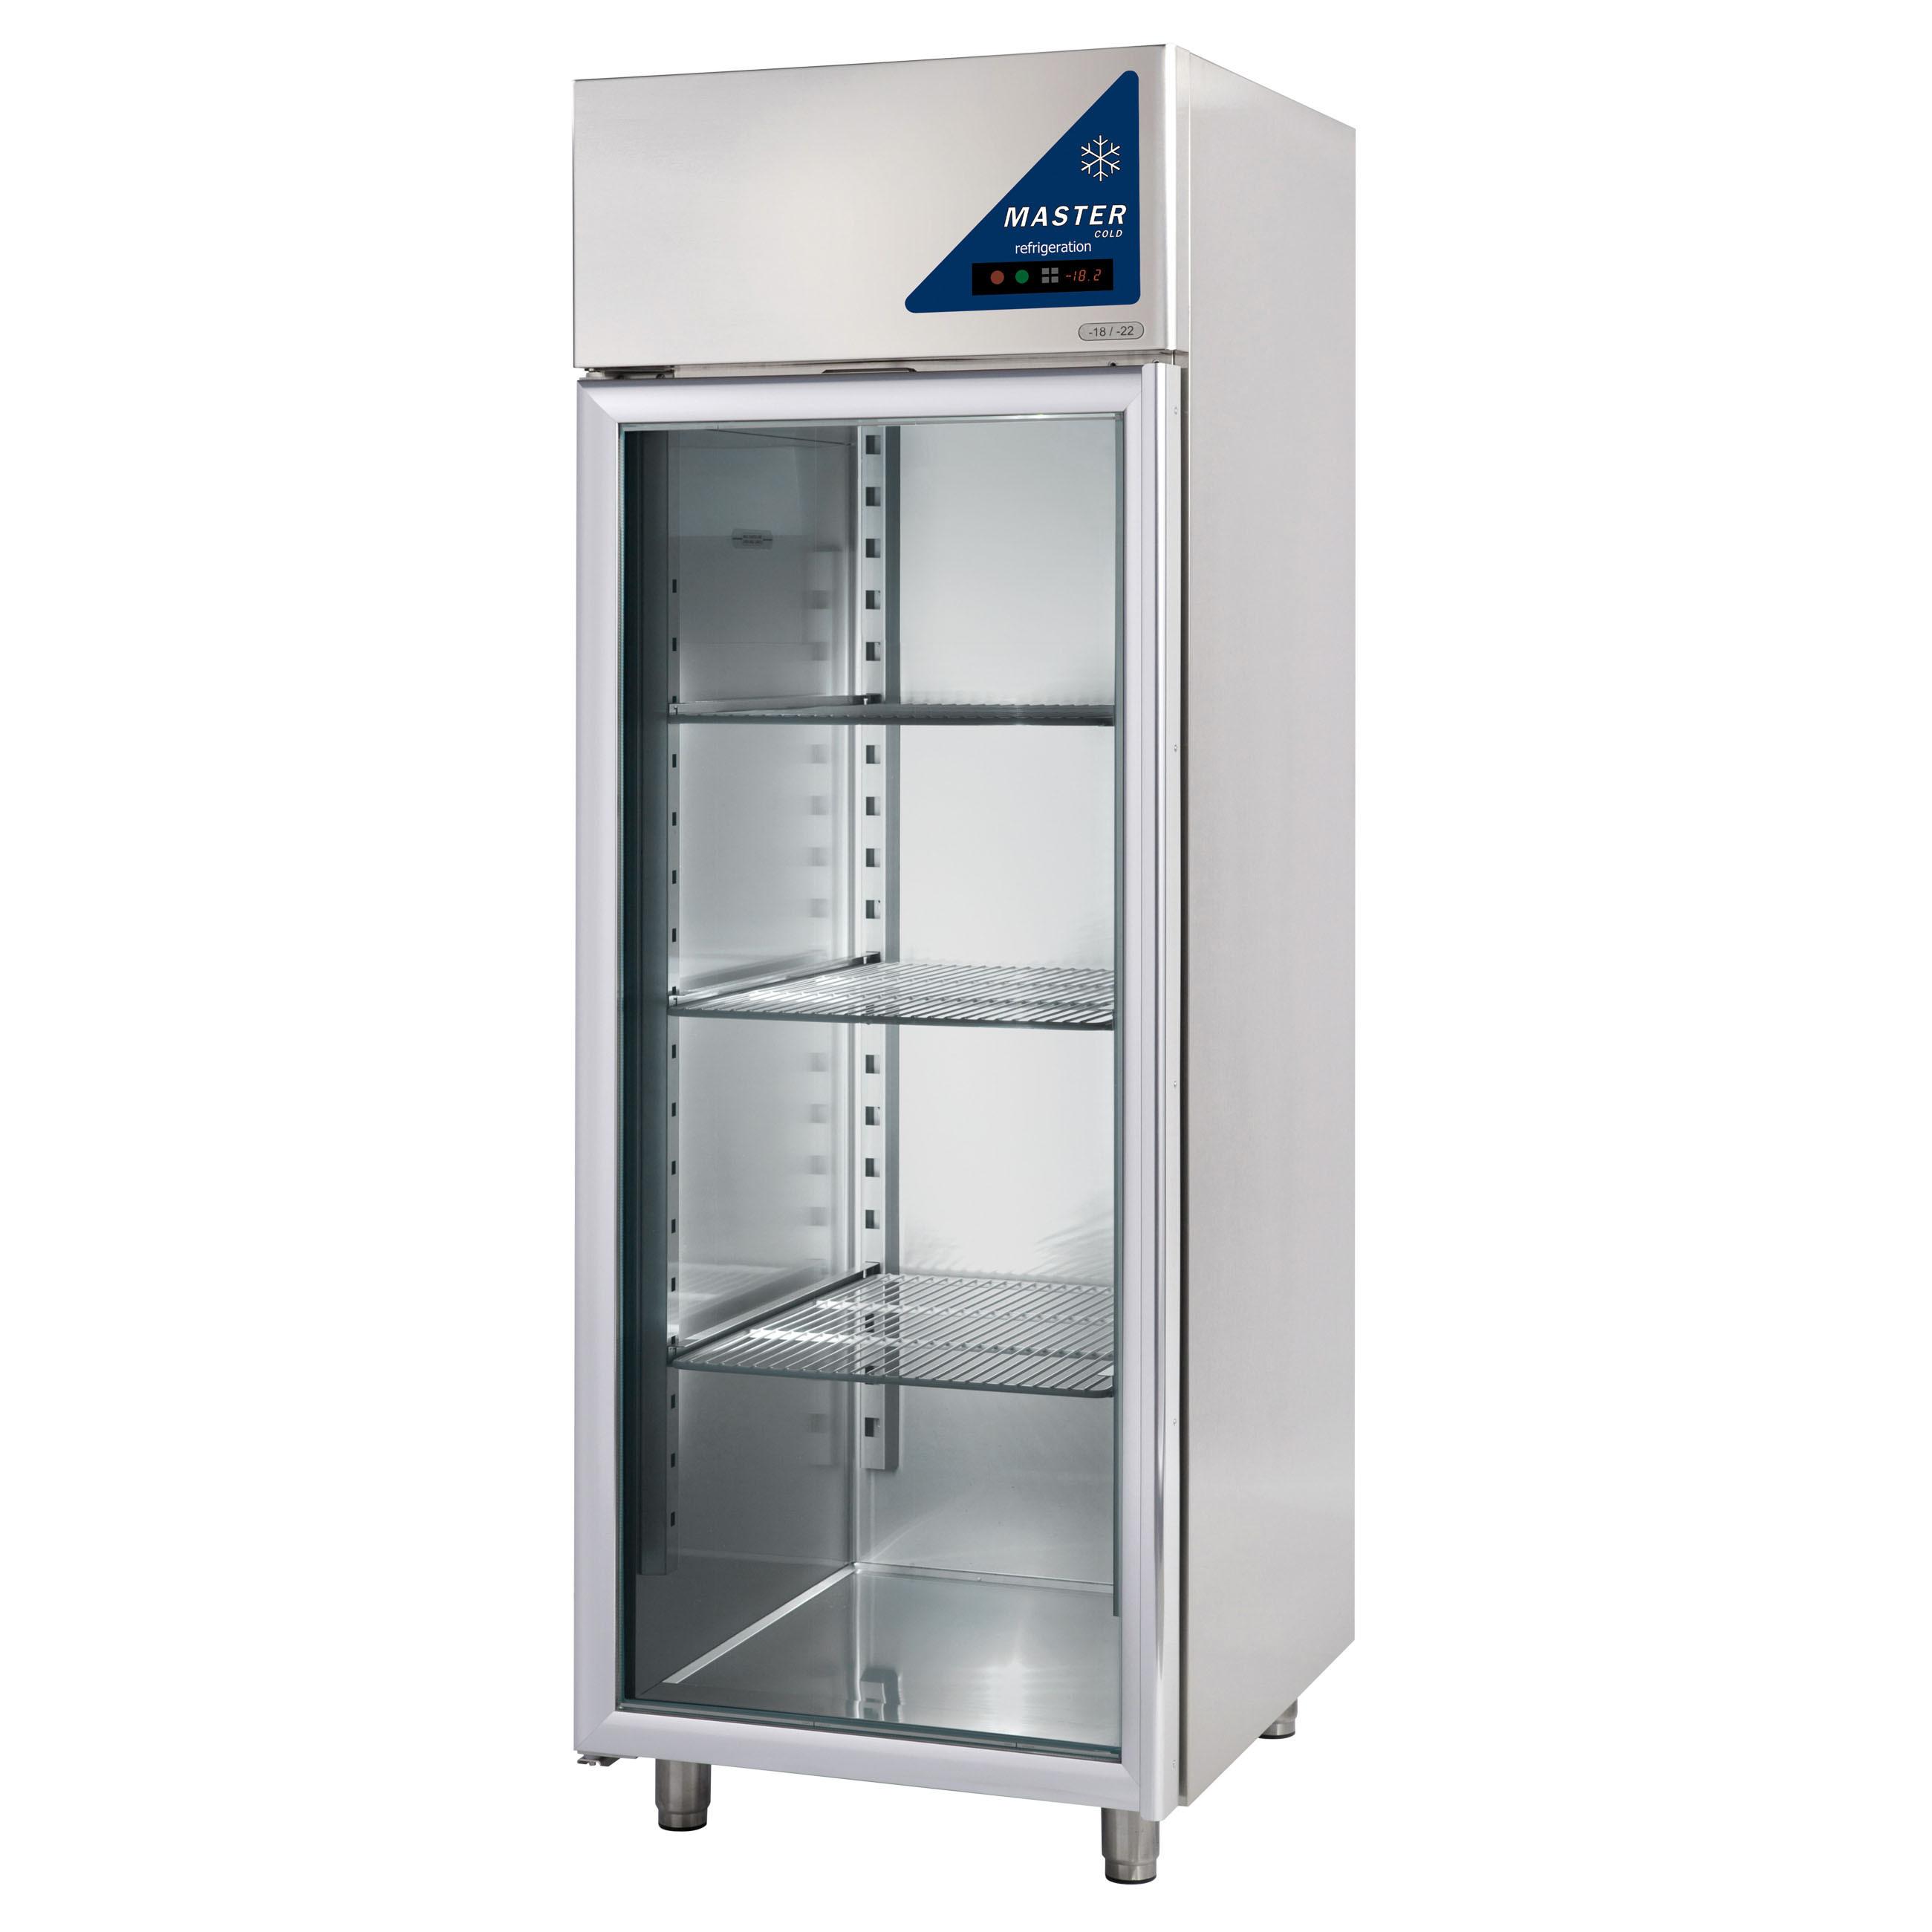 Tiefkühlschränke  Tiefkühlschrank Master 600 Minus Glas - Gastro Kühl ...